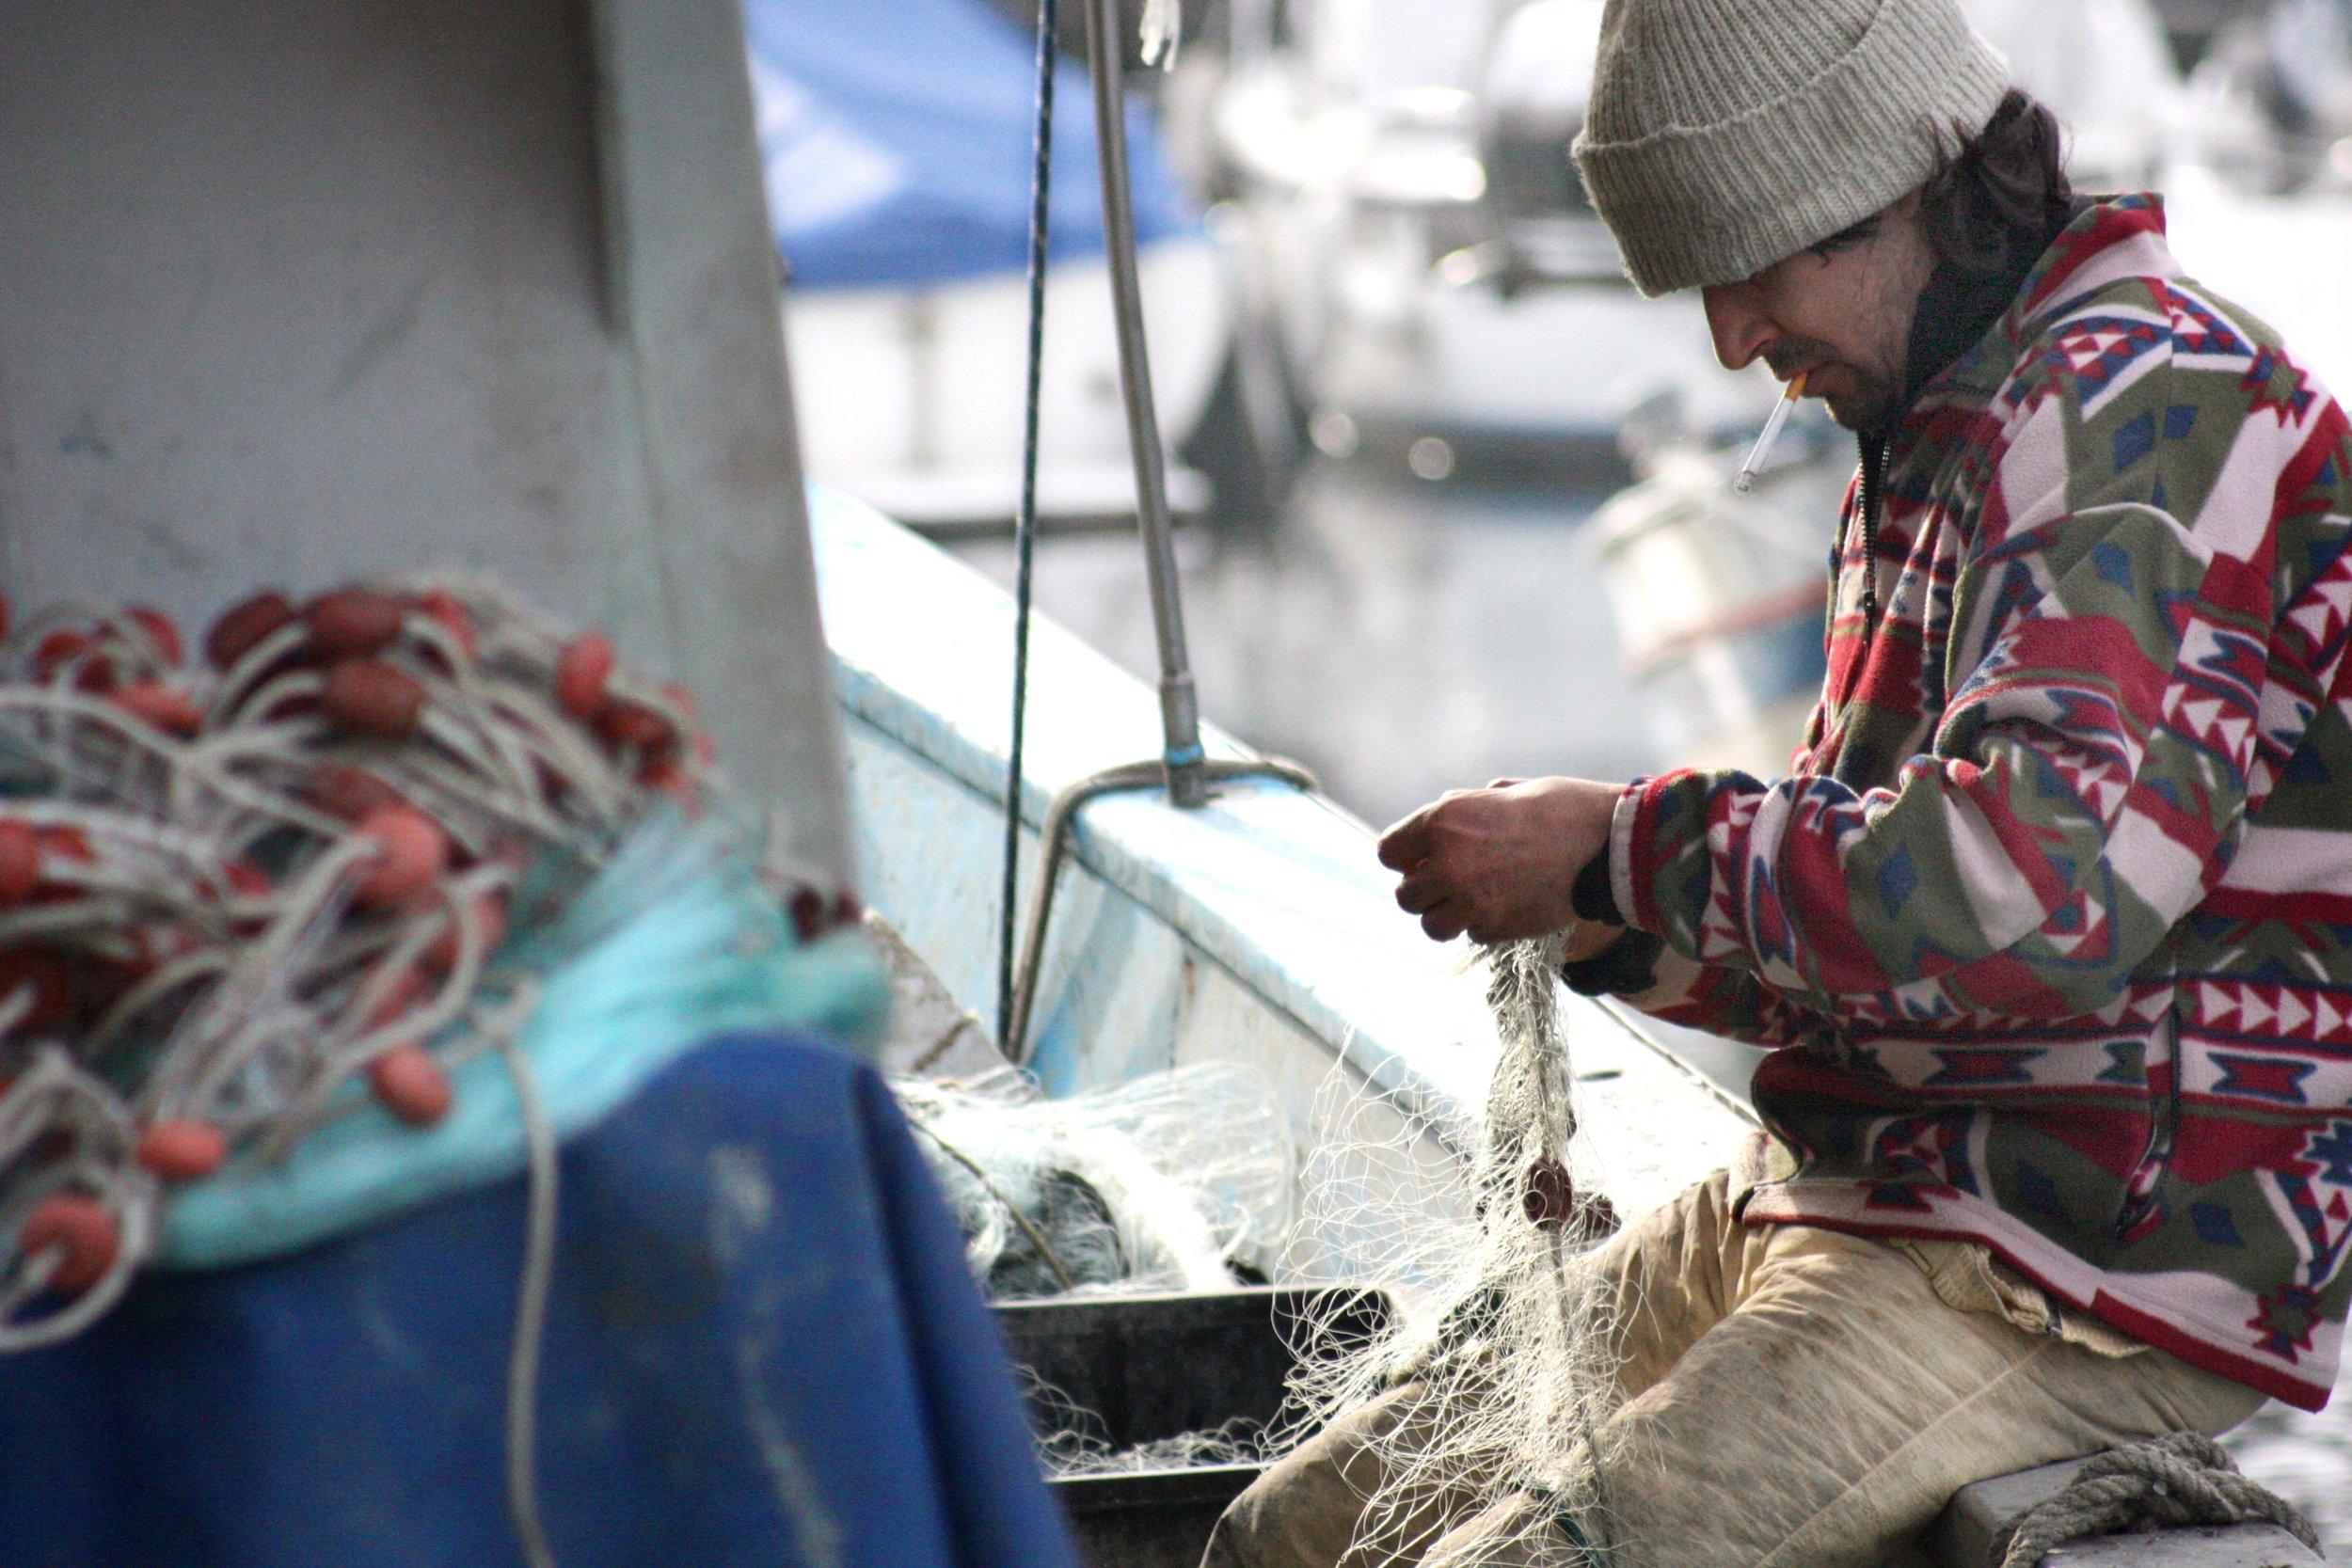 boat-fisherman-fishing-51005.jpg